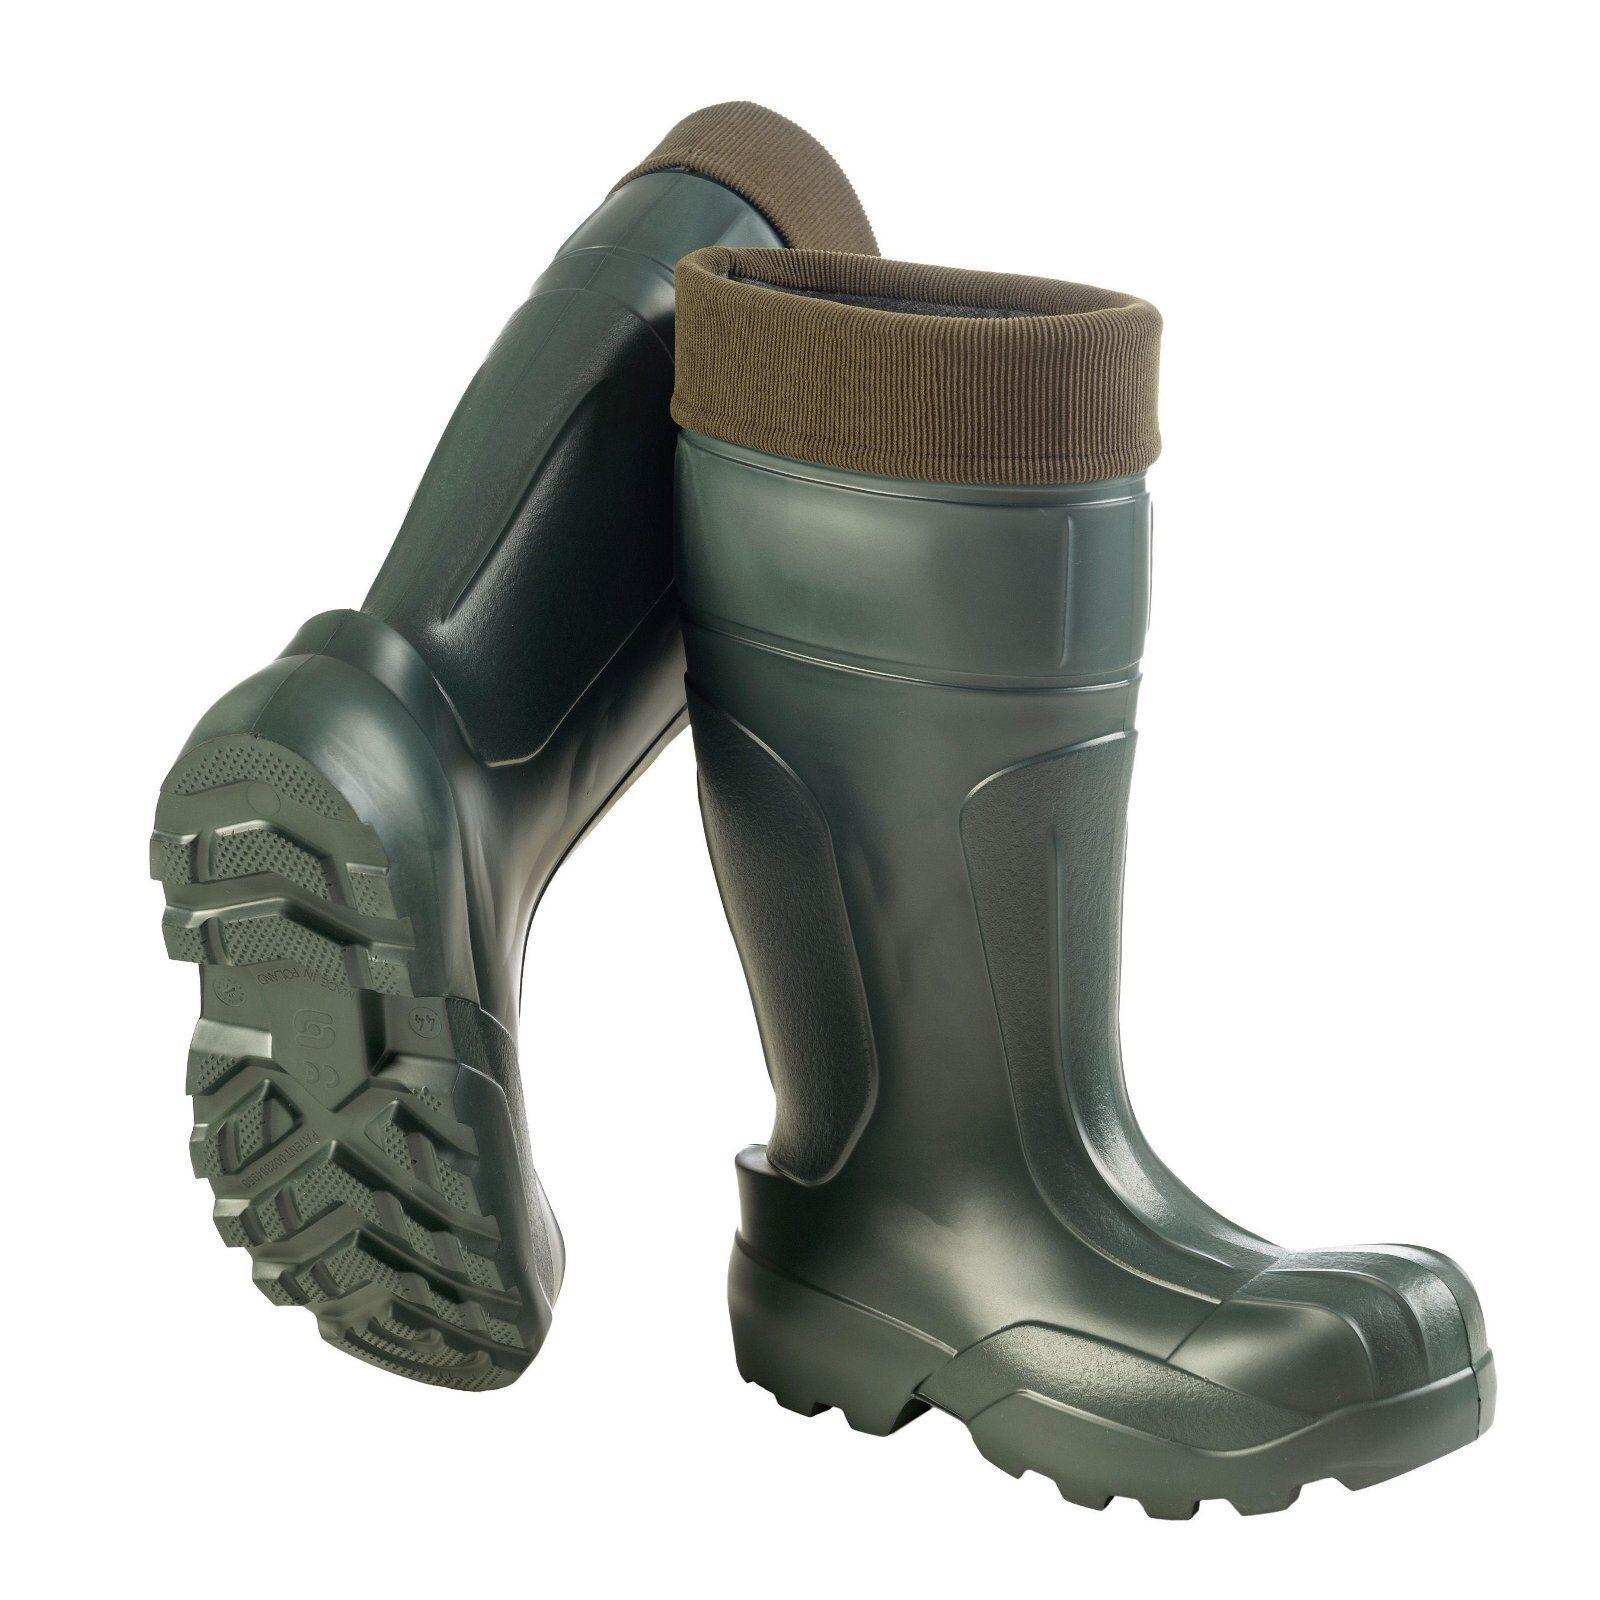 Crosslander Men's Boots Tgoldnto - Green - 46 Winter Boots Wellies